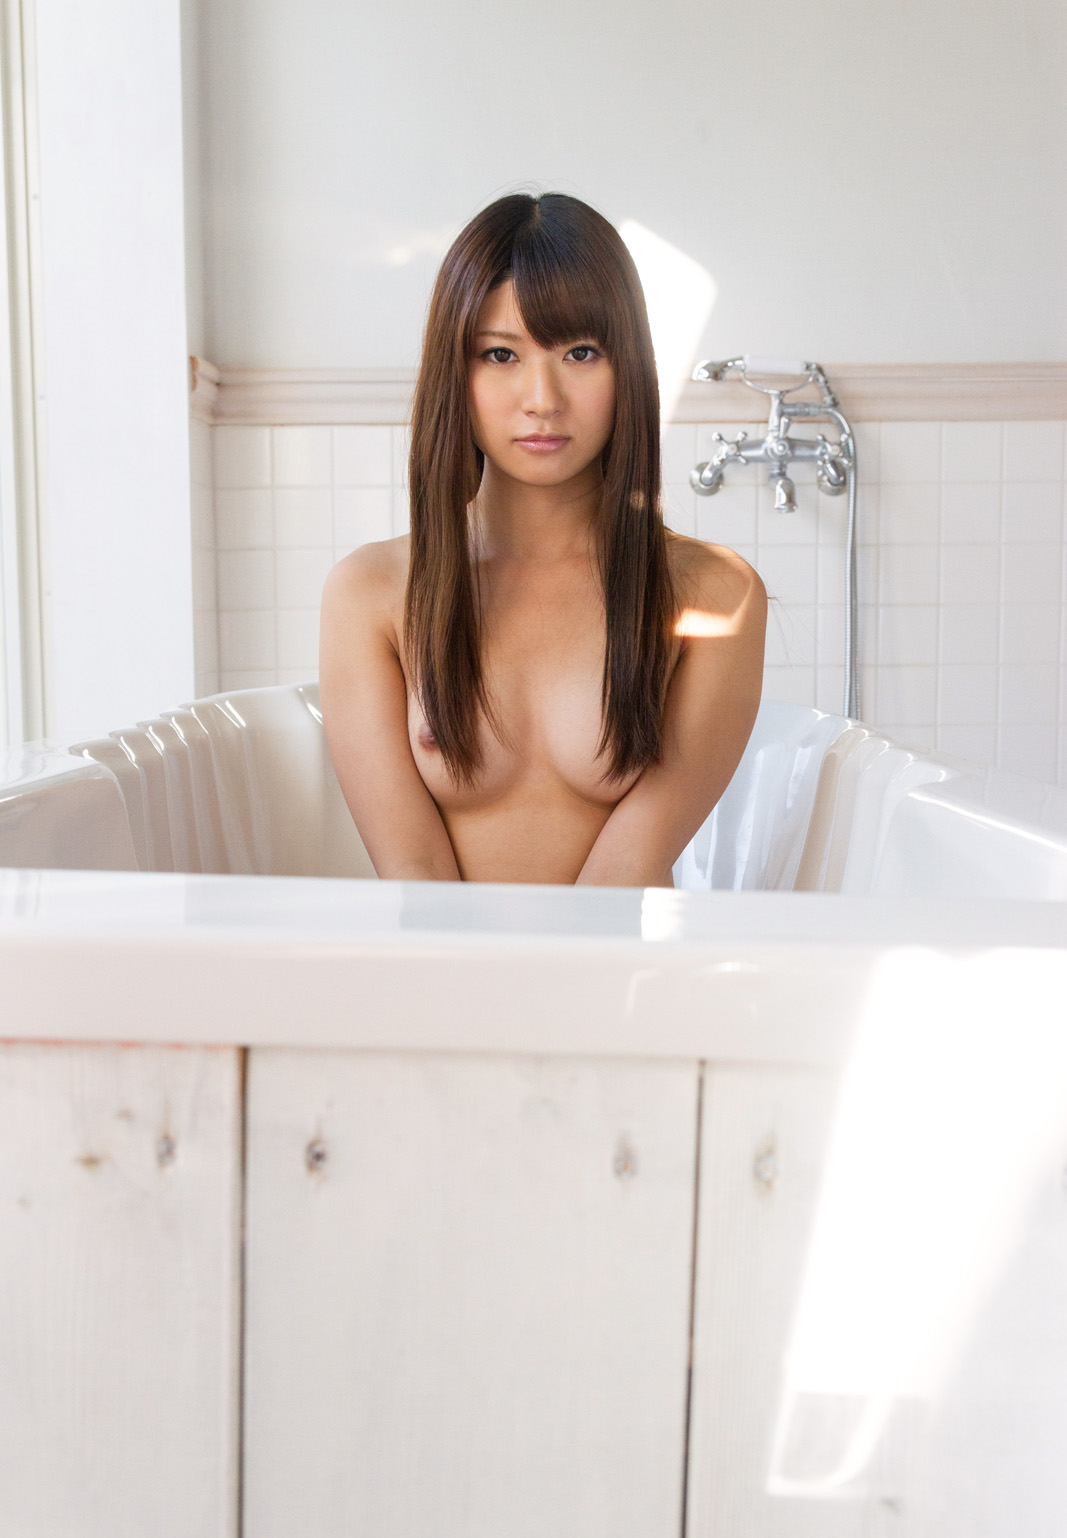 緒川りお 画像 48